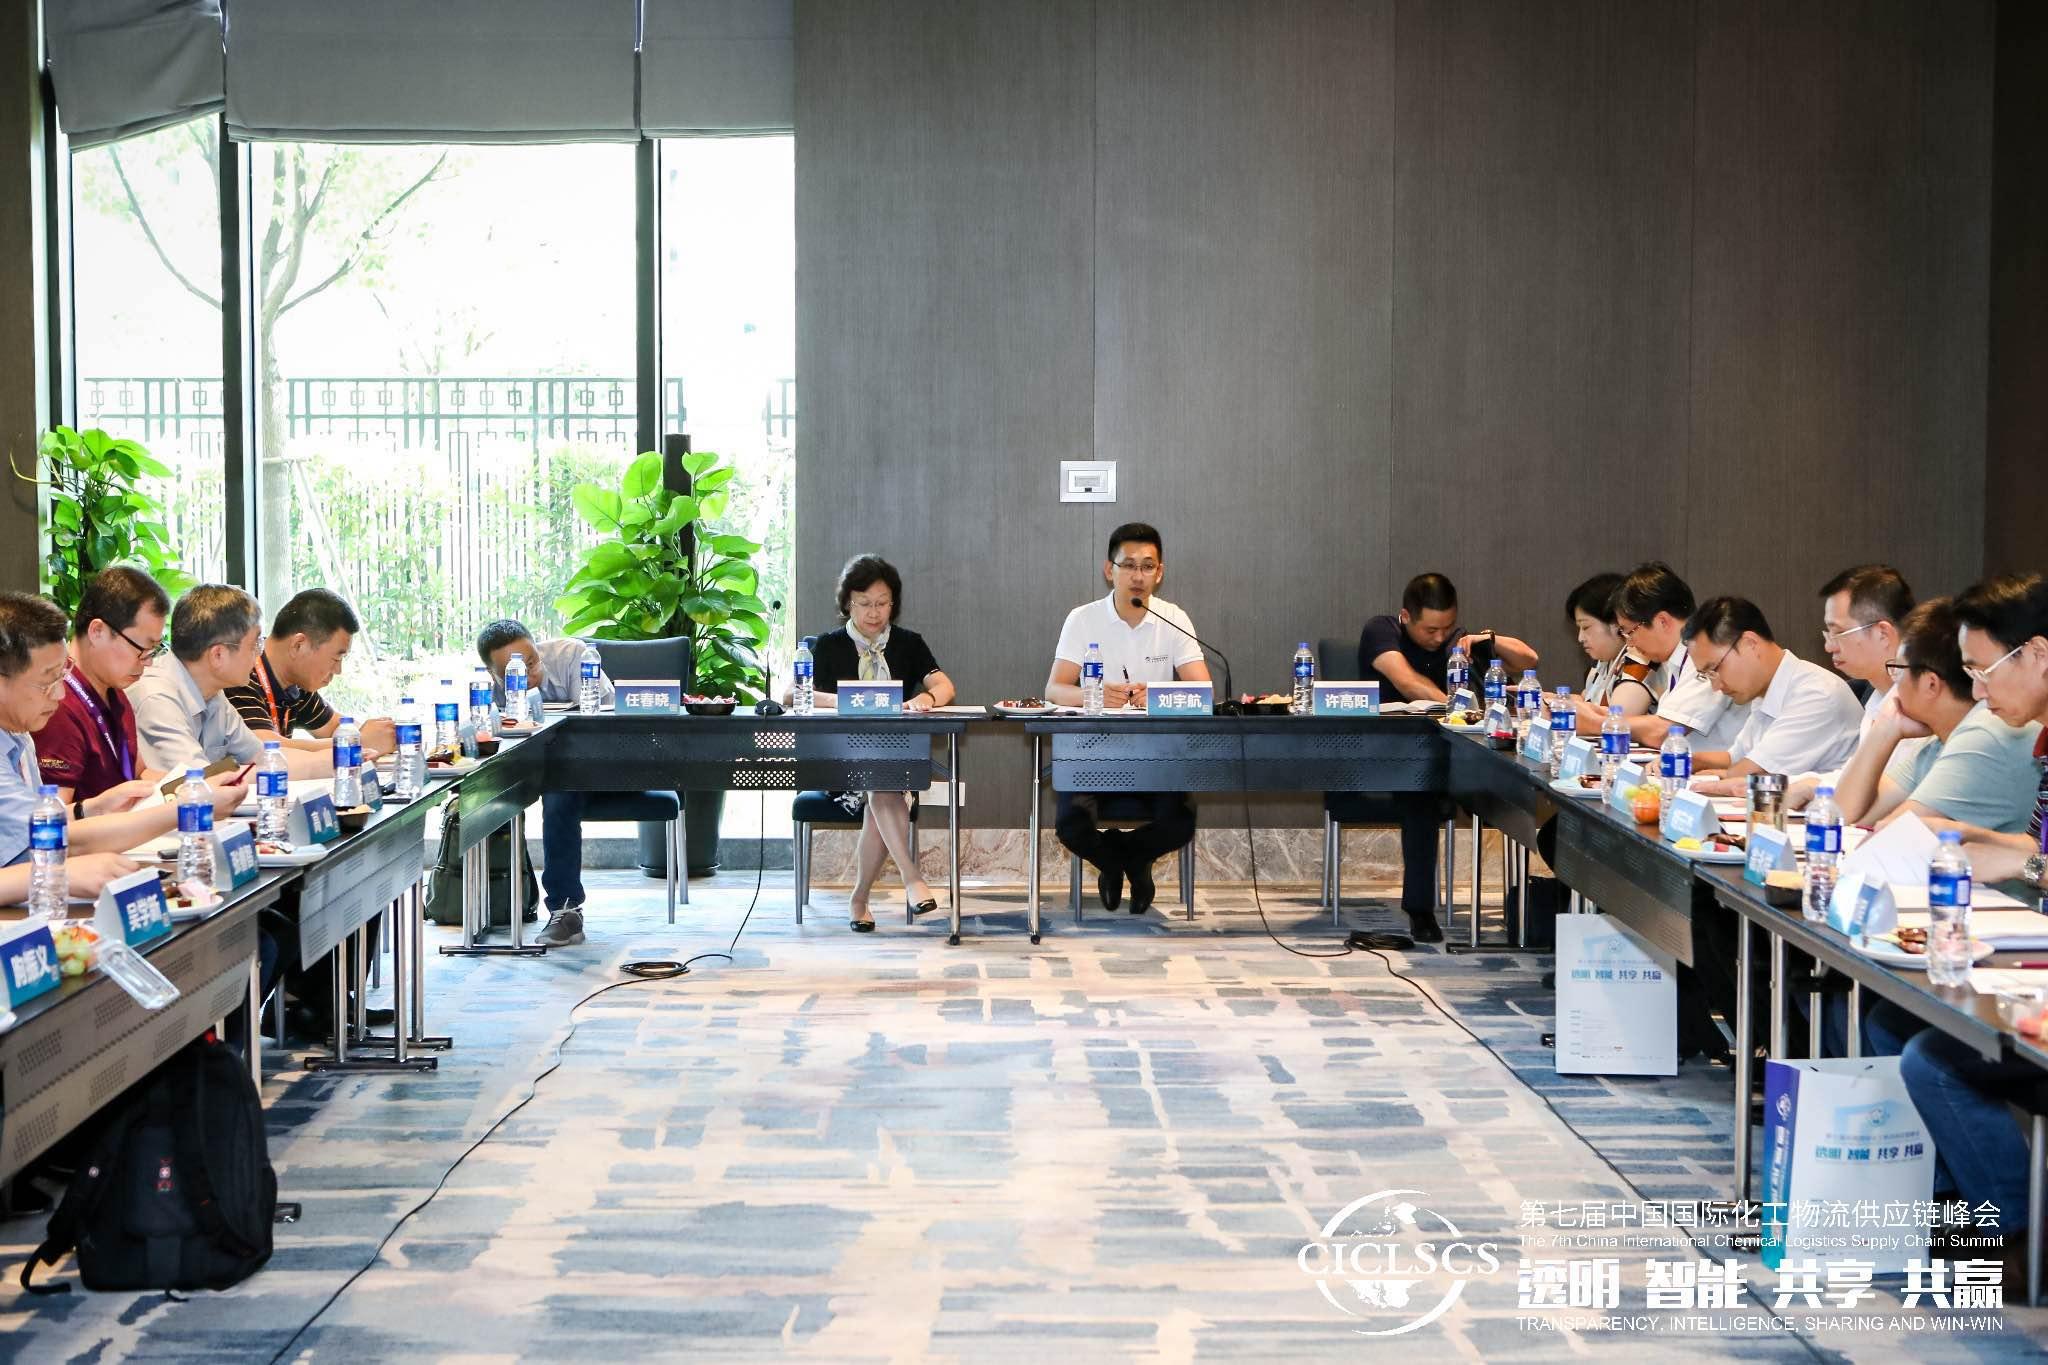 全国物流标准化技术委员会化工物流标准化工作组2019年度工作会议在上海成功召开